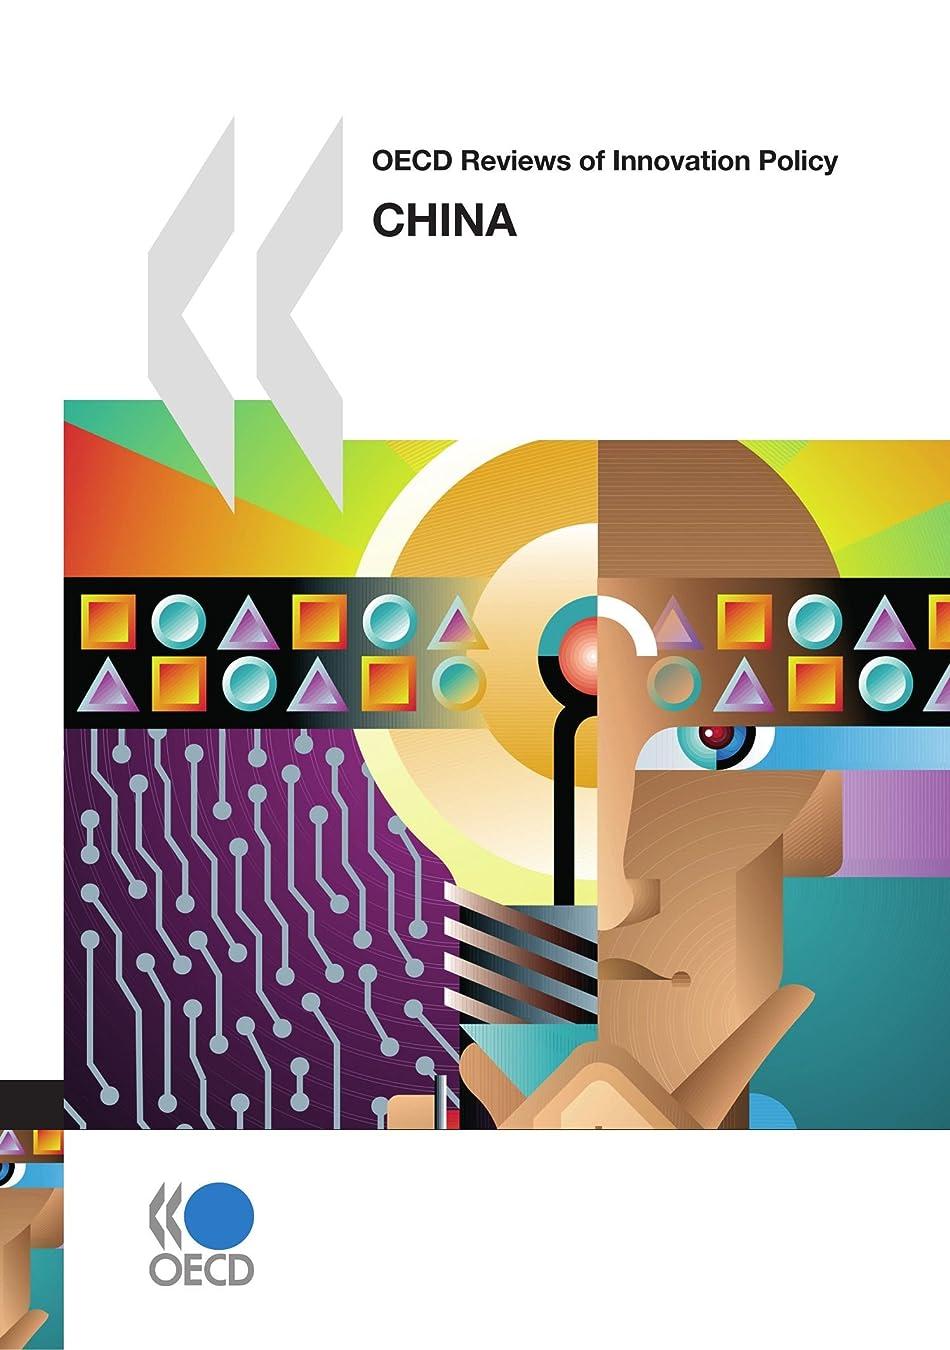 絶滅面頭China (Oecd Reviews of Innovation Policy)